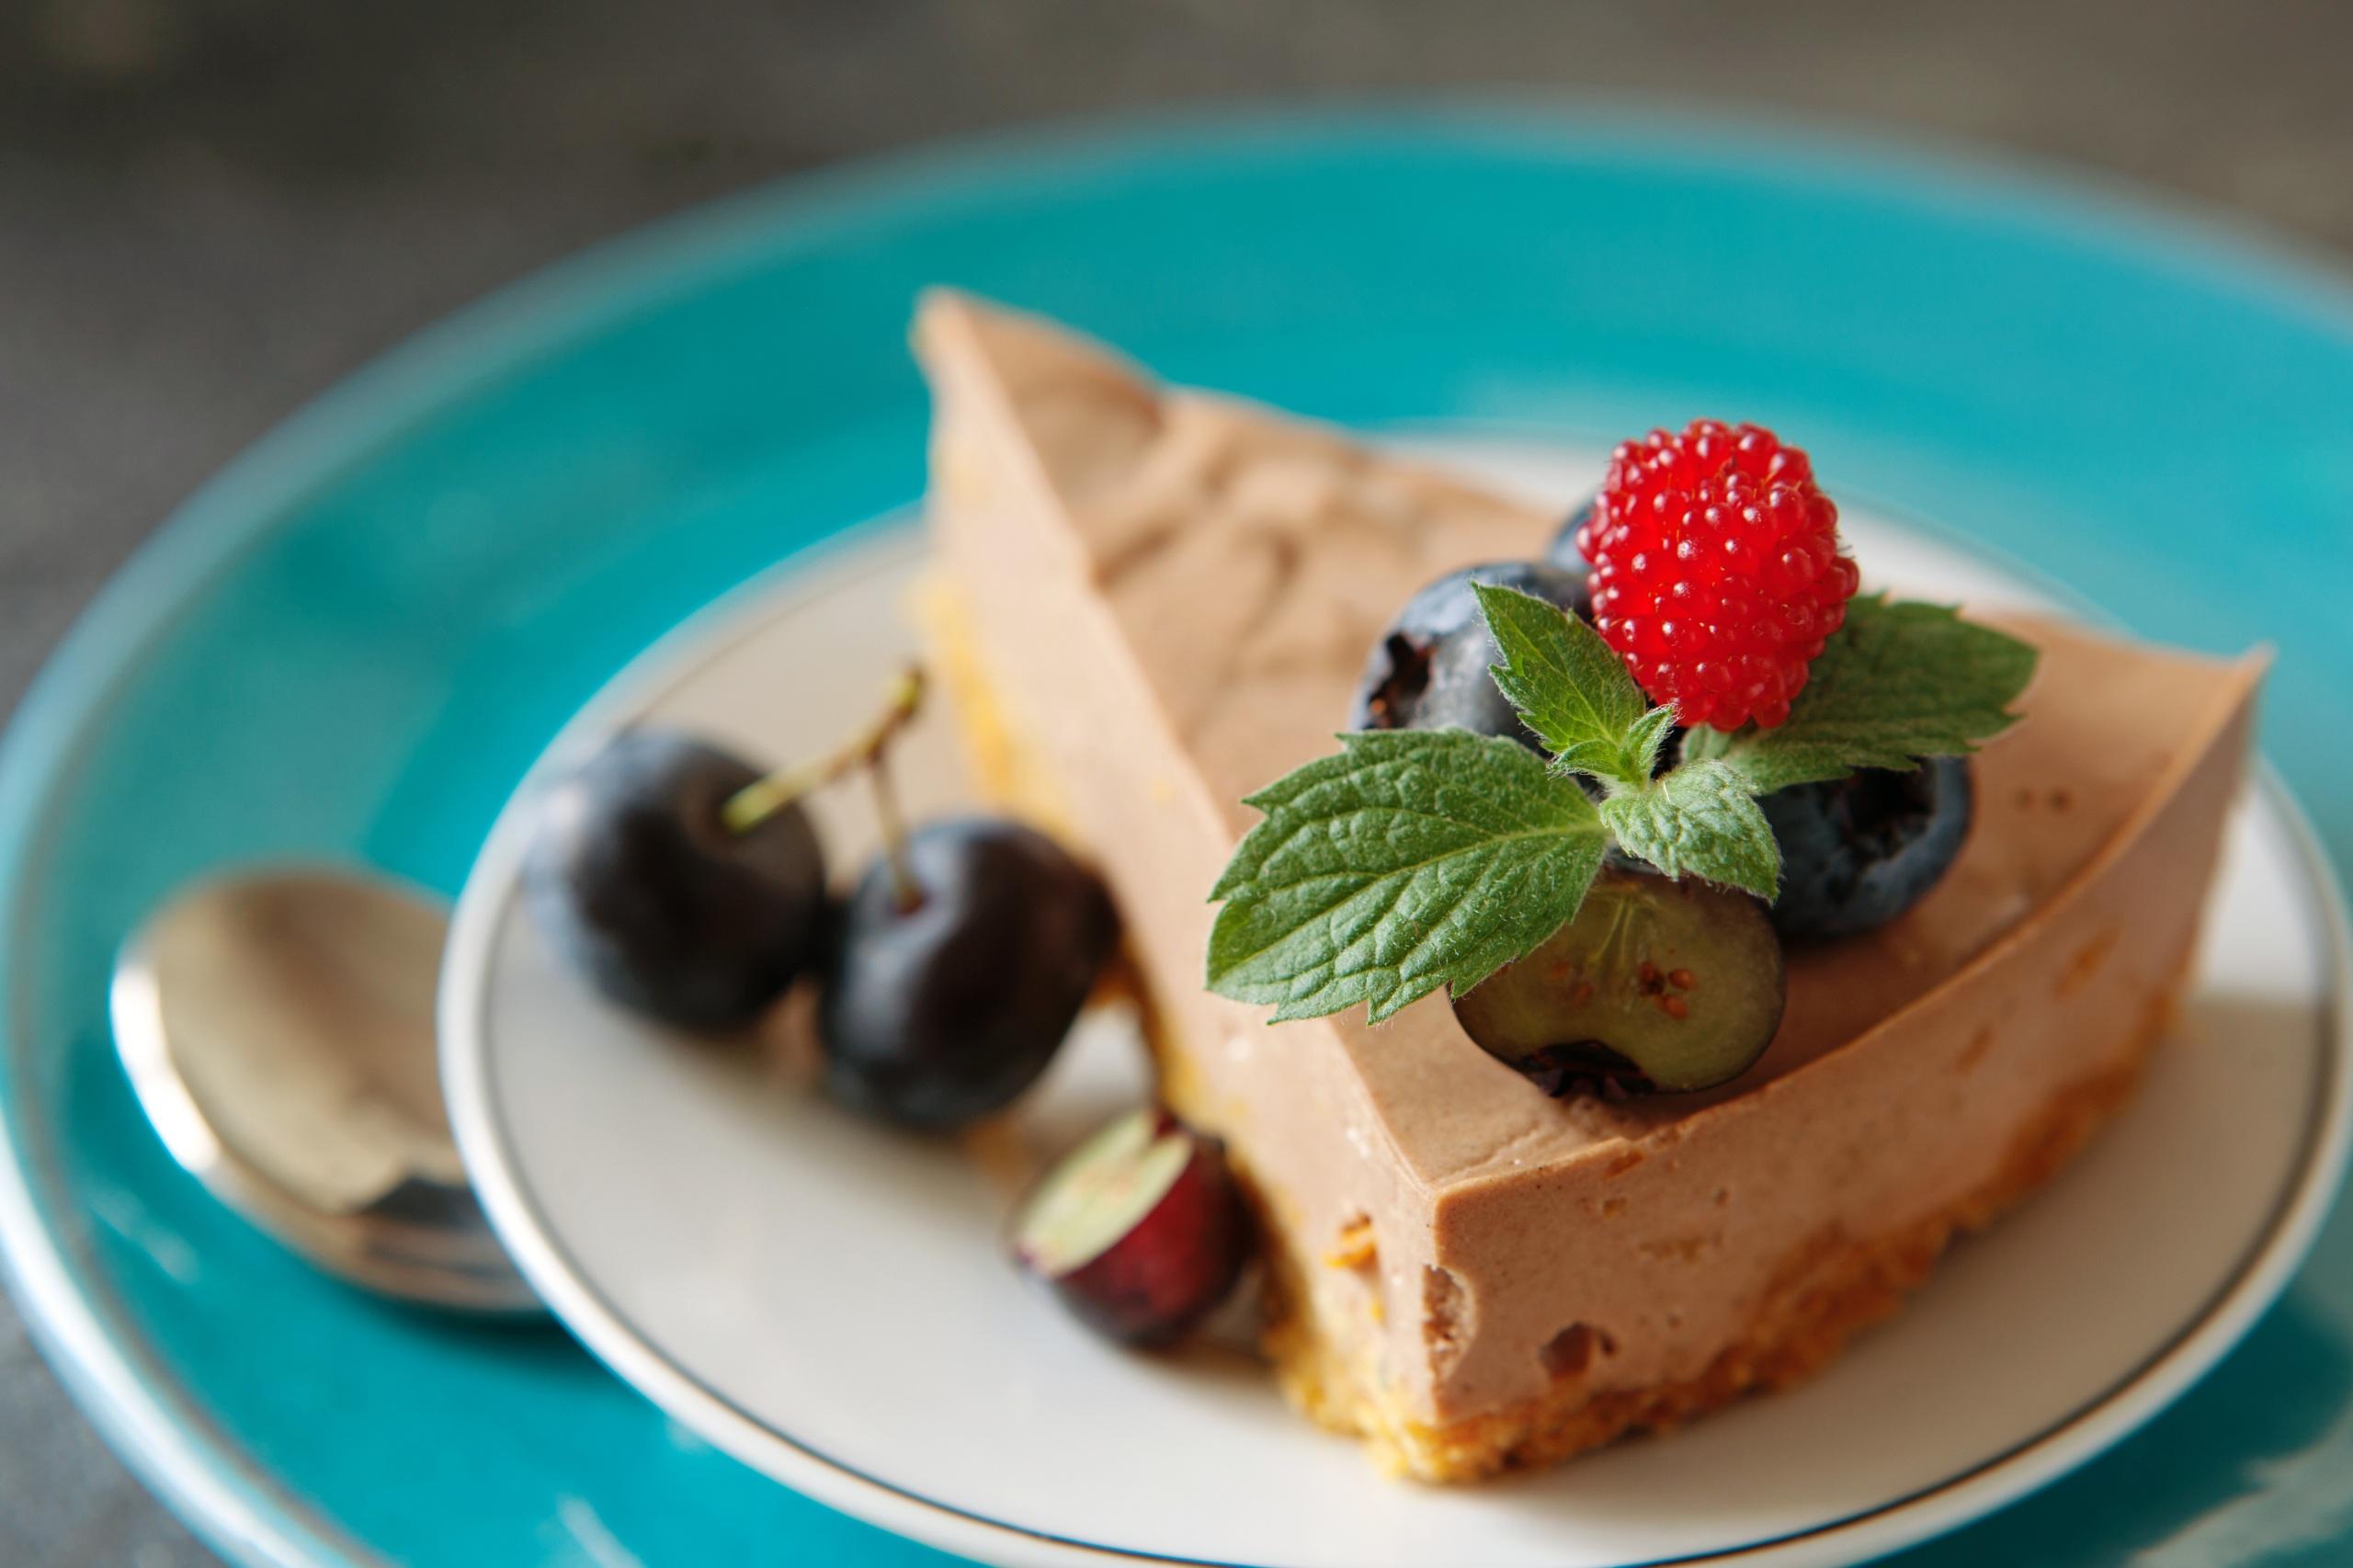 Фотографии лист Торты Малина кусочки Еда 2560x1706 Листья Листва часть Кусок кусочек Пища Продукты питания